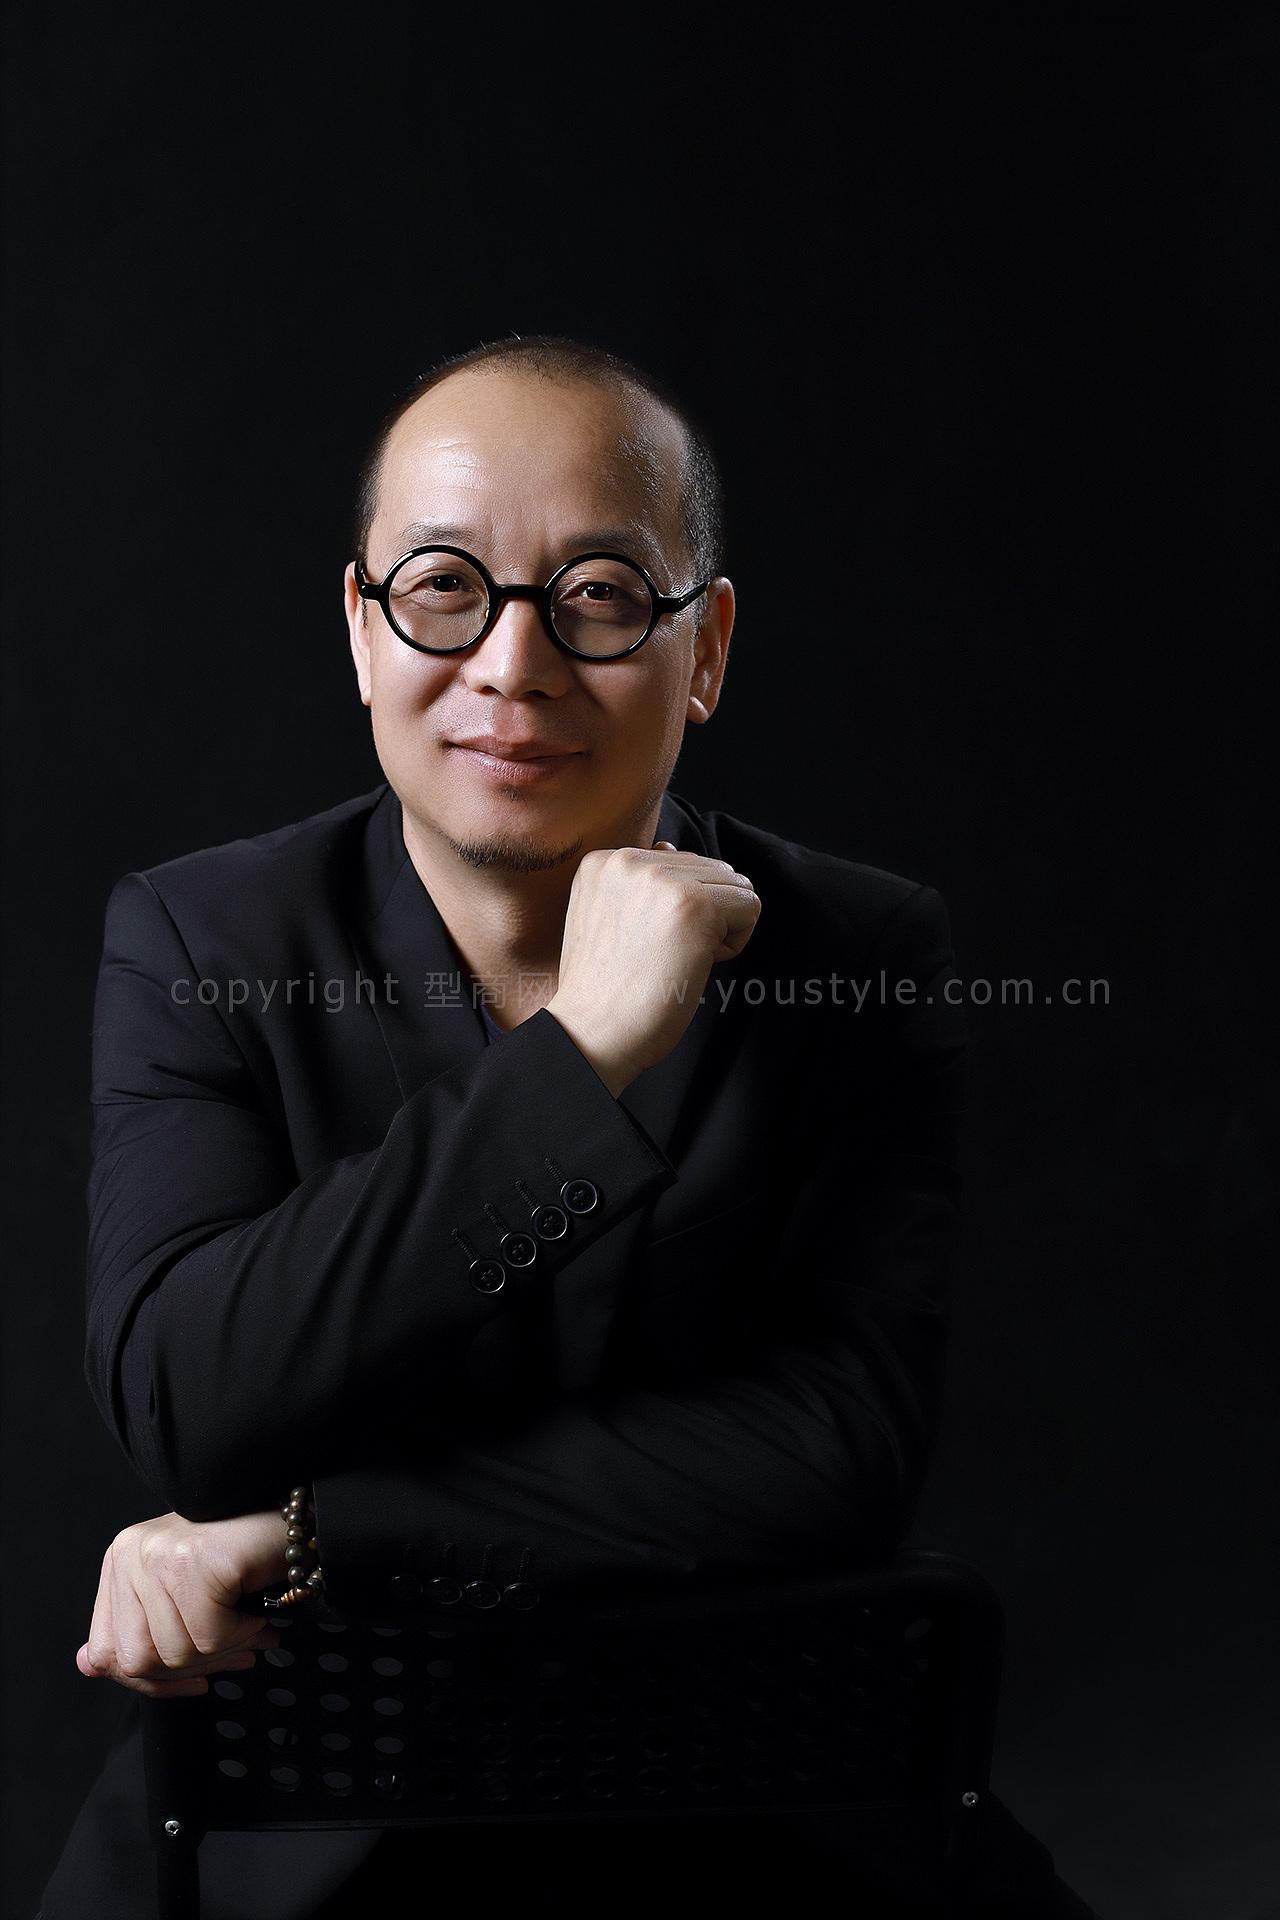 深圳环境设计师的形象照图片